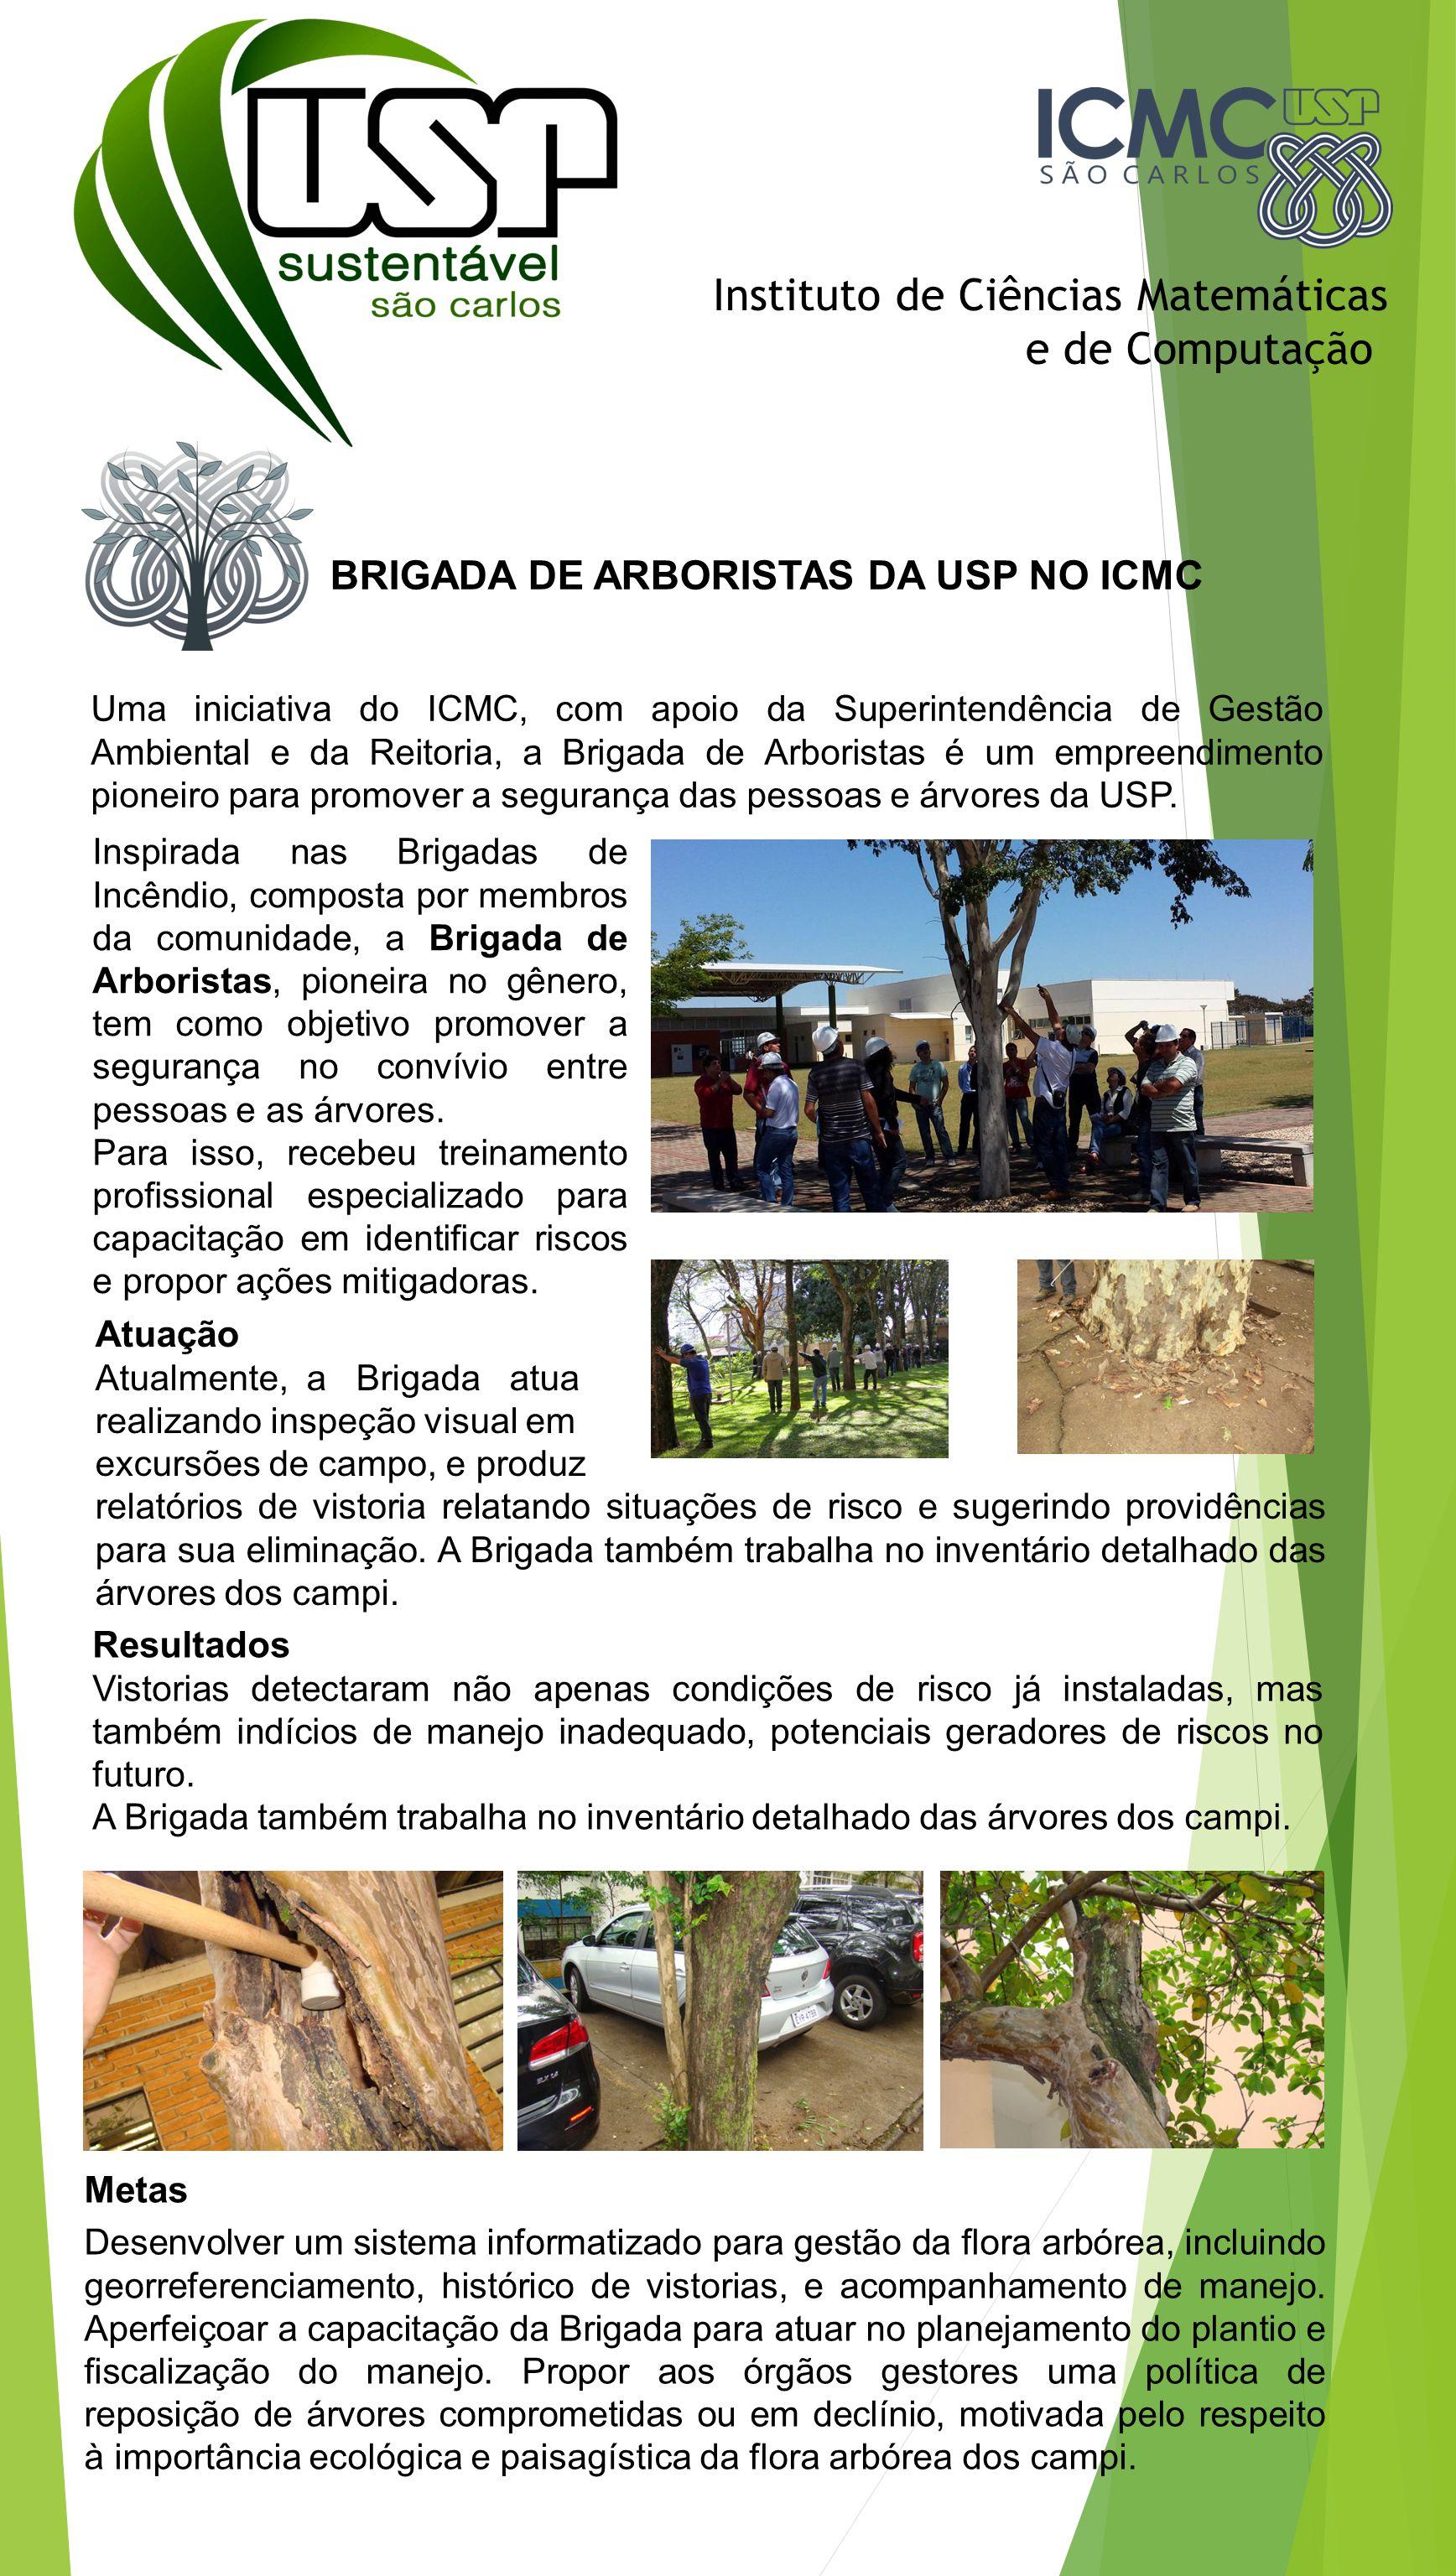 BRIGADA DE ARBORISTAS DA USP NO ICMC